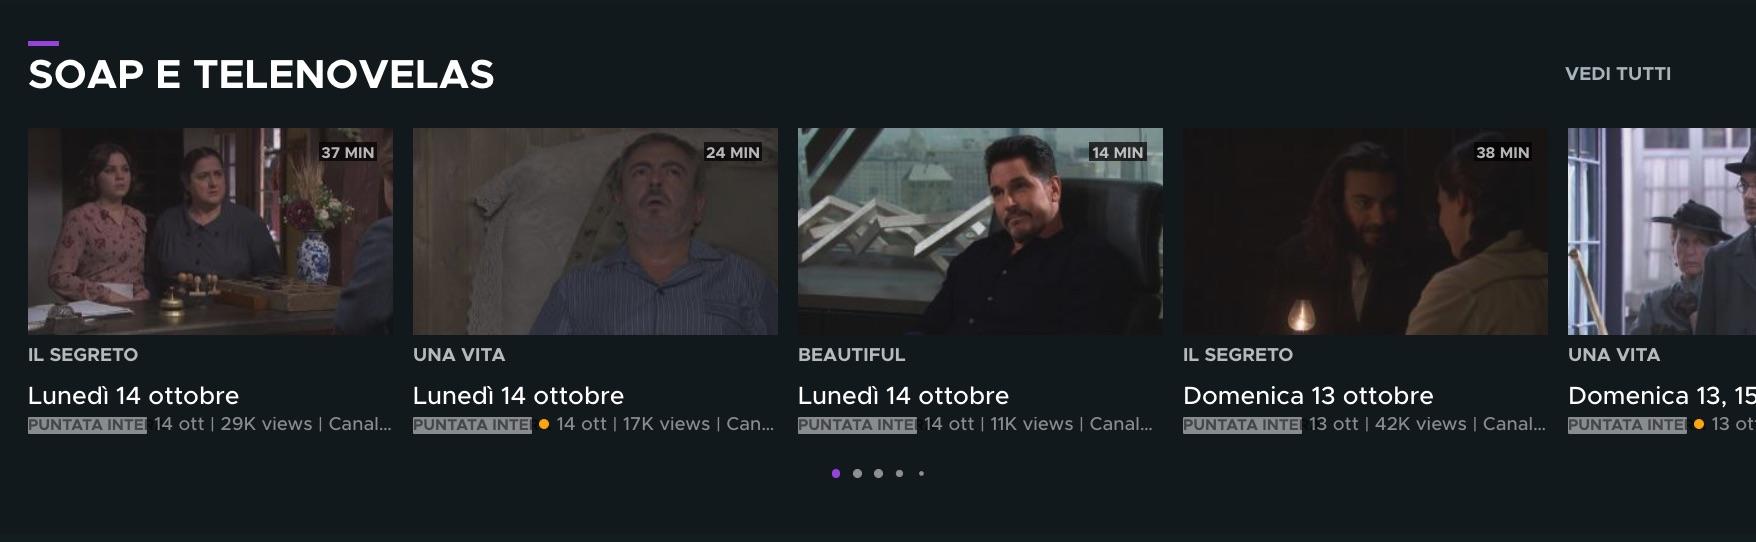 Beautiful, Una Vita e Il Segreto: anche on demand su Sky nella sezione Mediaset Play